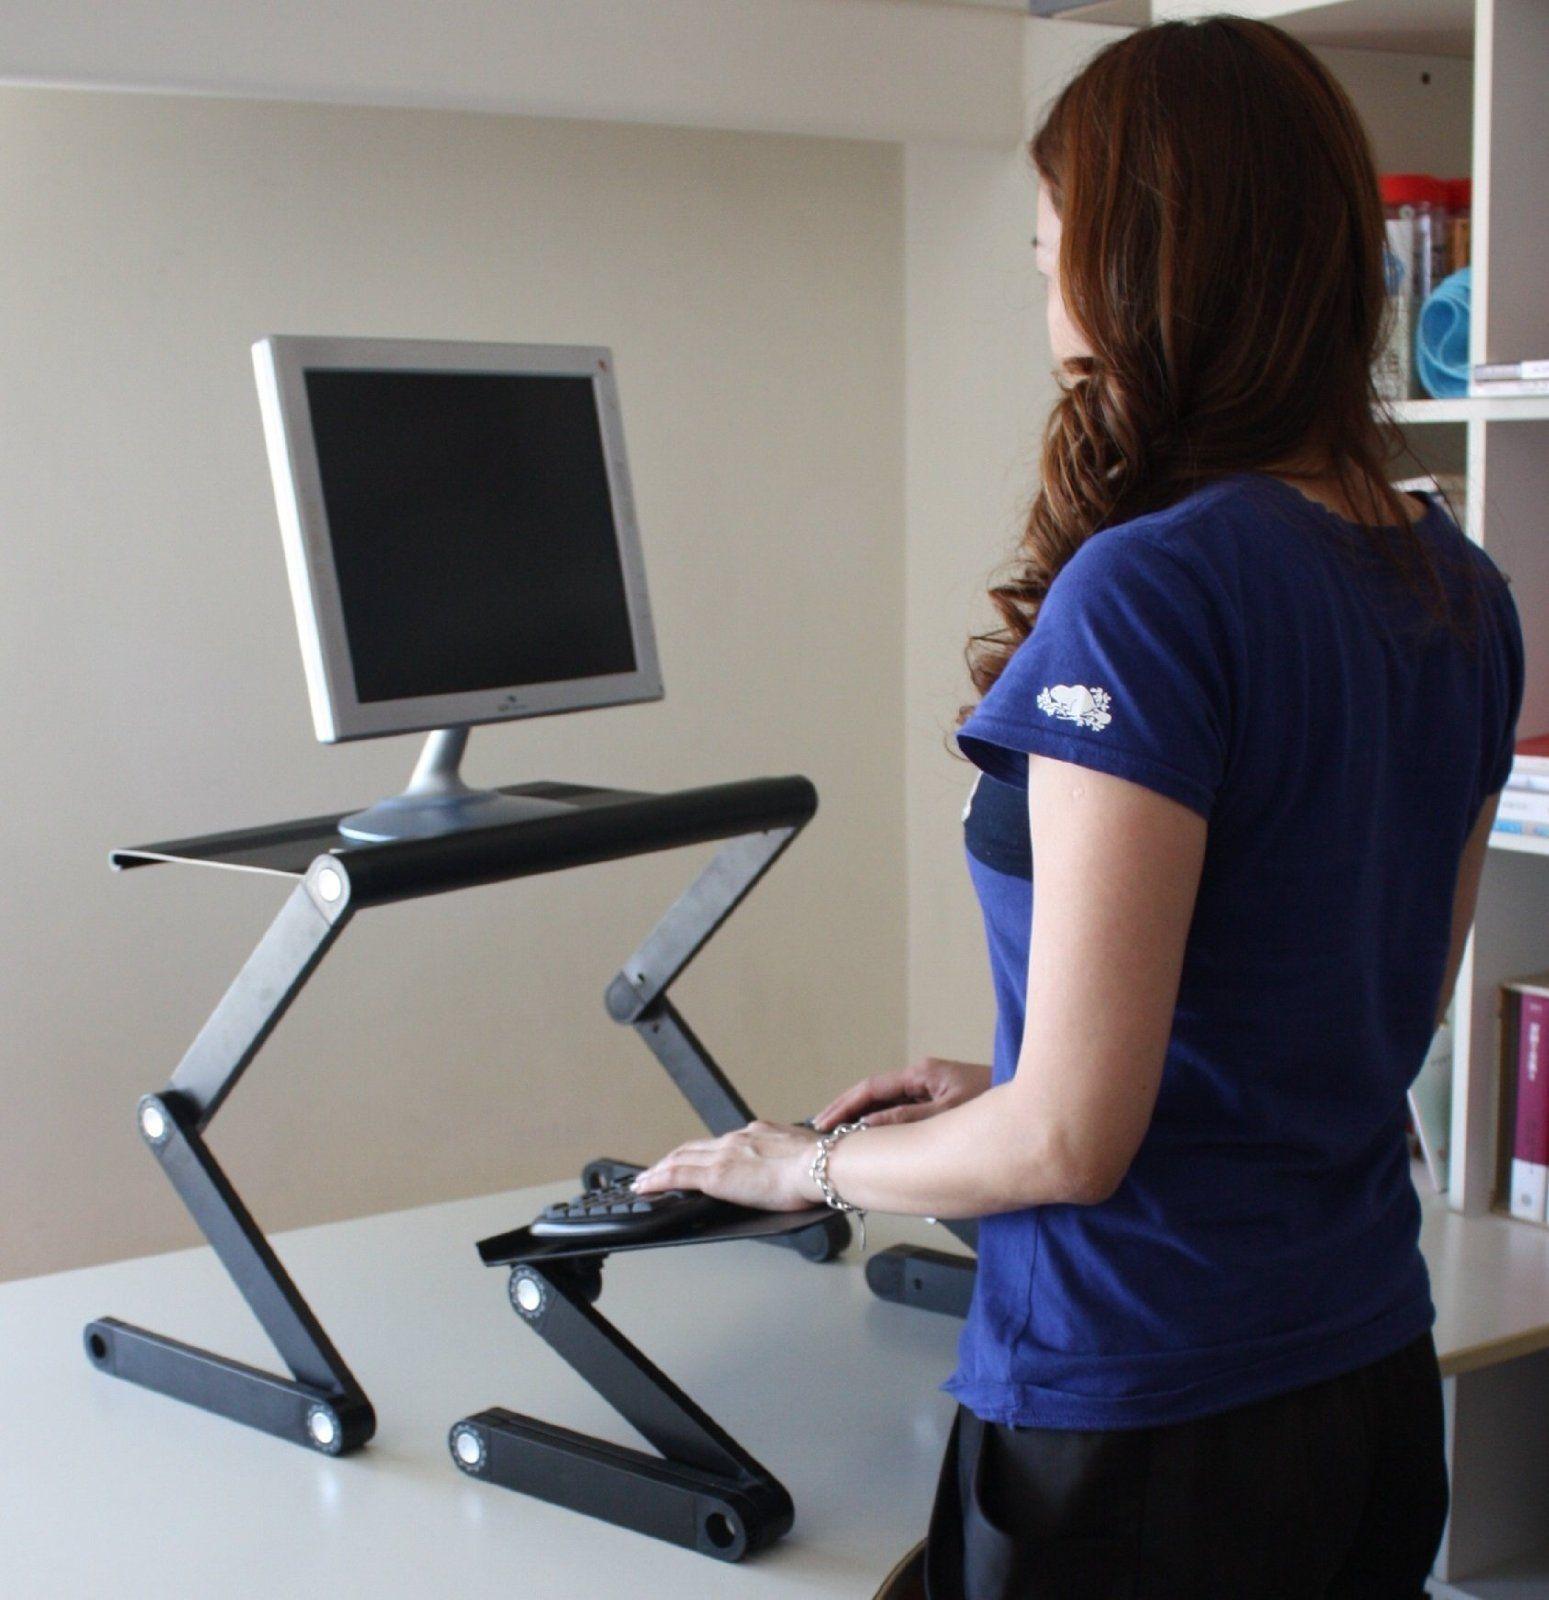 Workez Standing Desk Adjustable Sit Stand Desk For Laptops